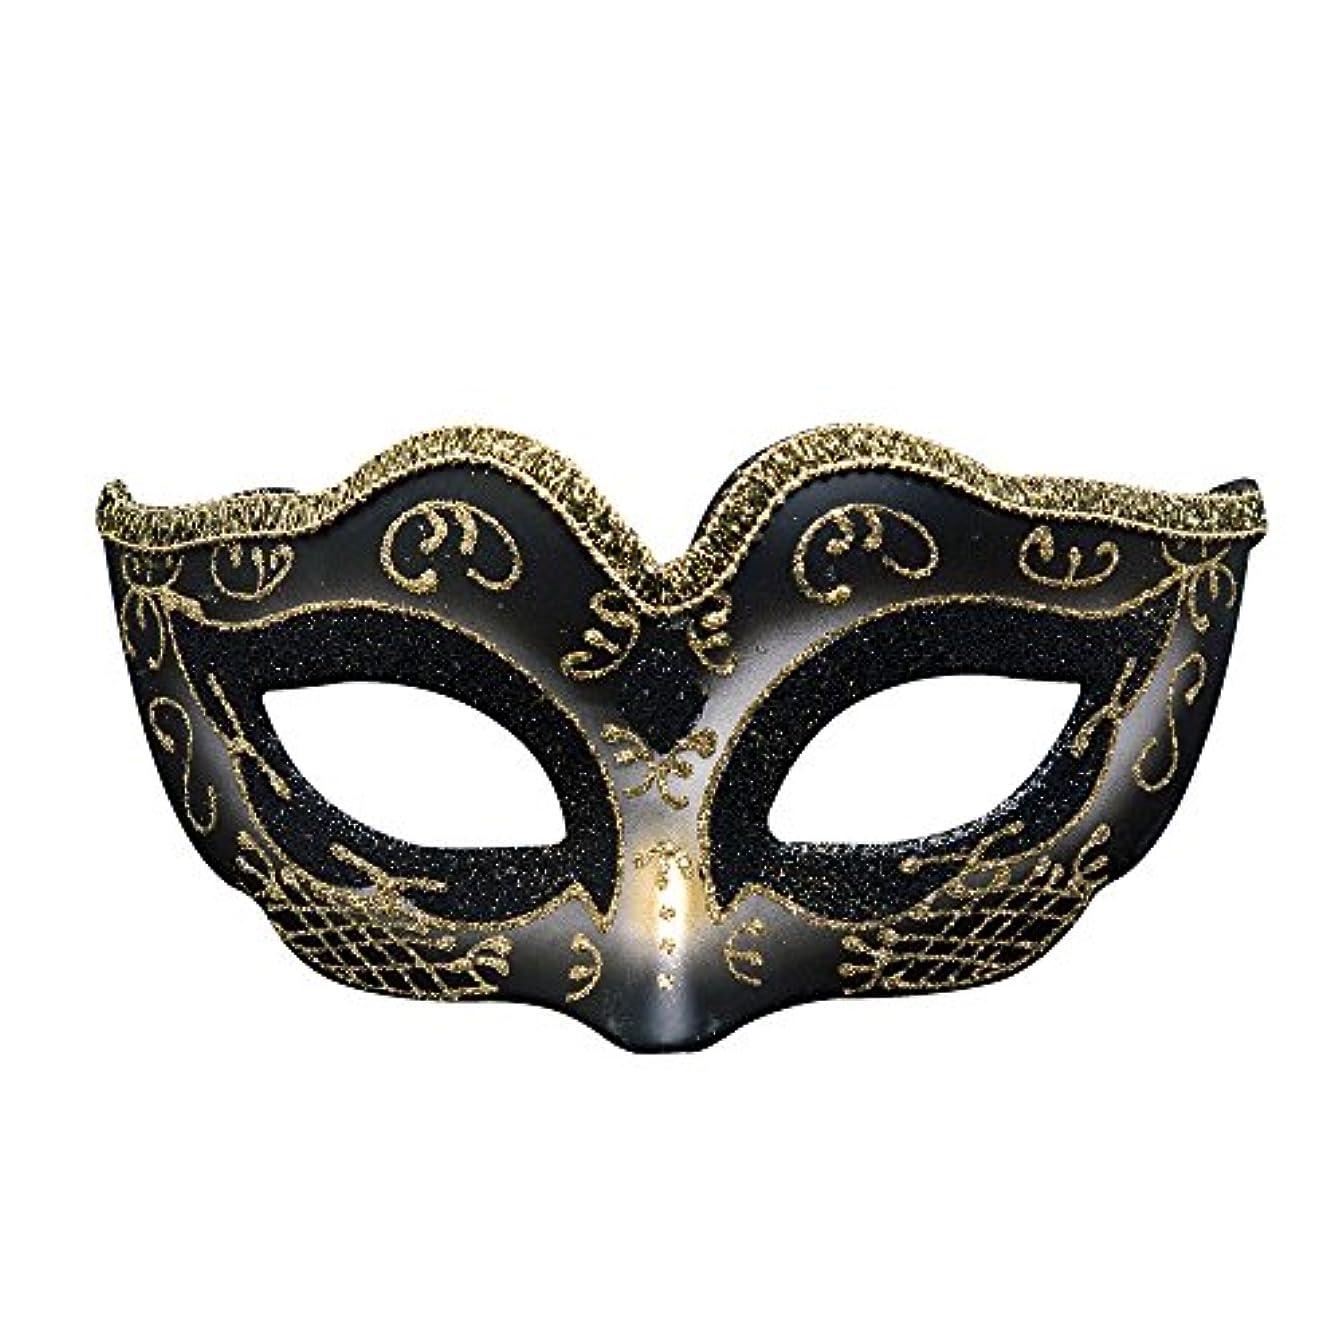 尊敬無効にするバランスのとれたクリエイティブキッズマスカレードパーティーハロウィンマスククリスマス雰囲気マスク (Color : #1)